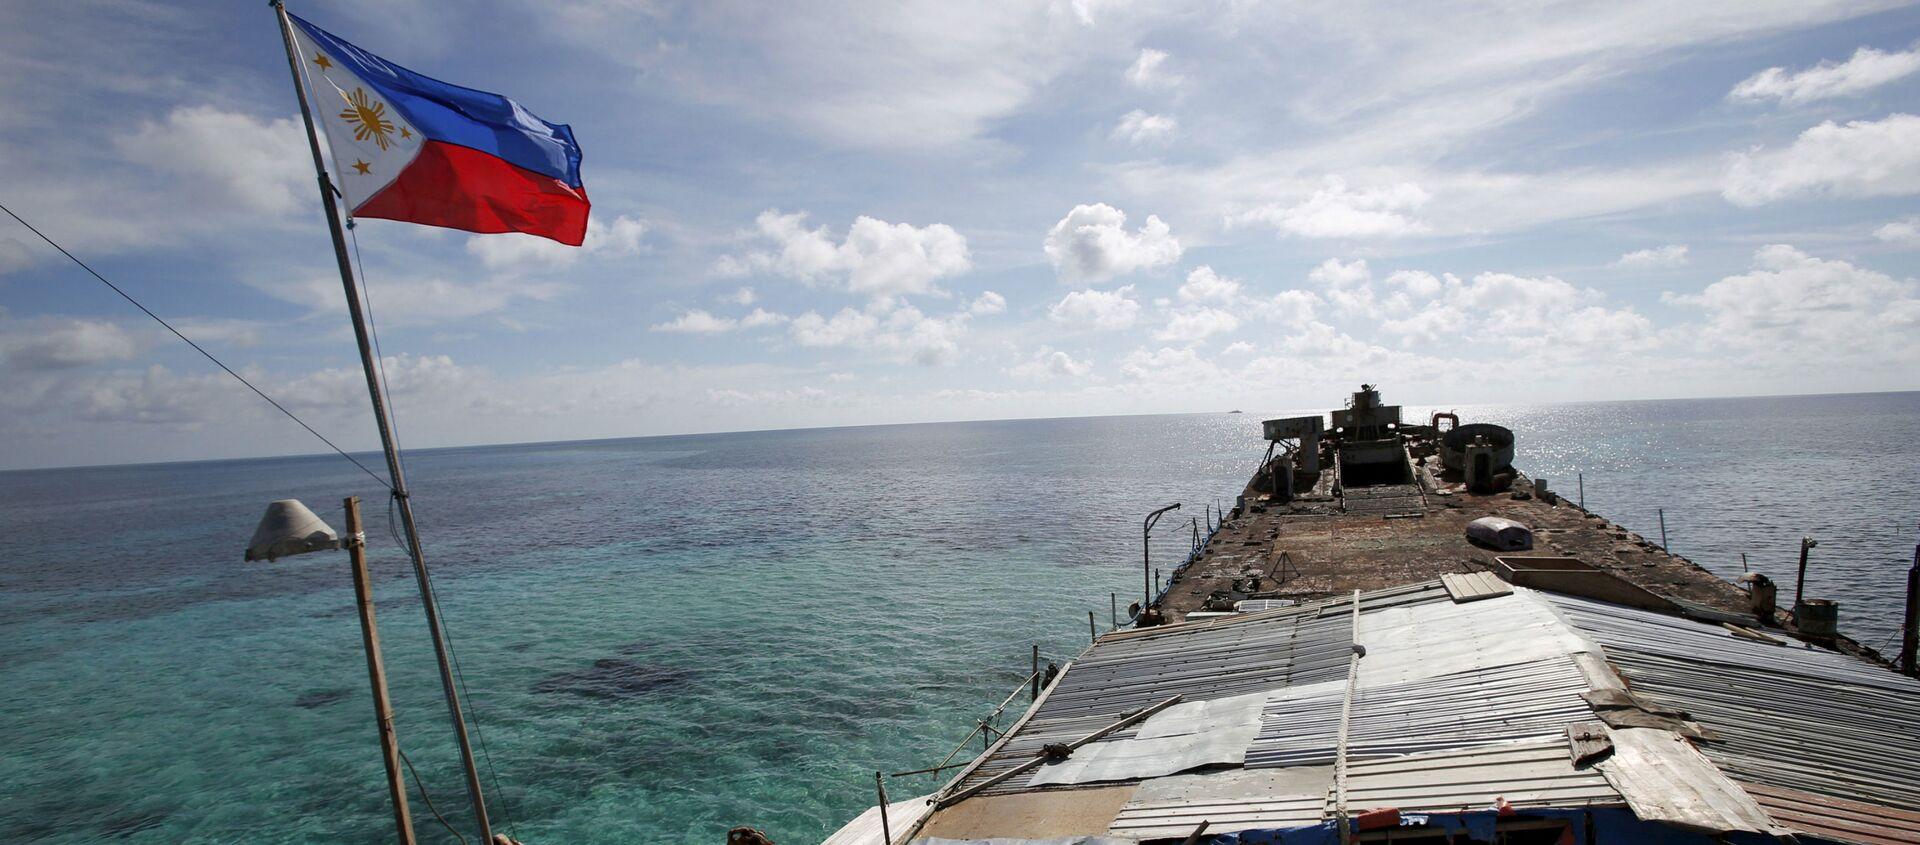 Lá cờ Philippines trên con tàu ở Biển Đông - Sputnik Việt Nam, 1920, 25.03.2021